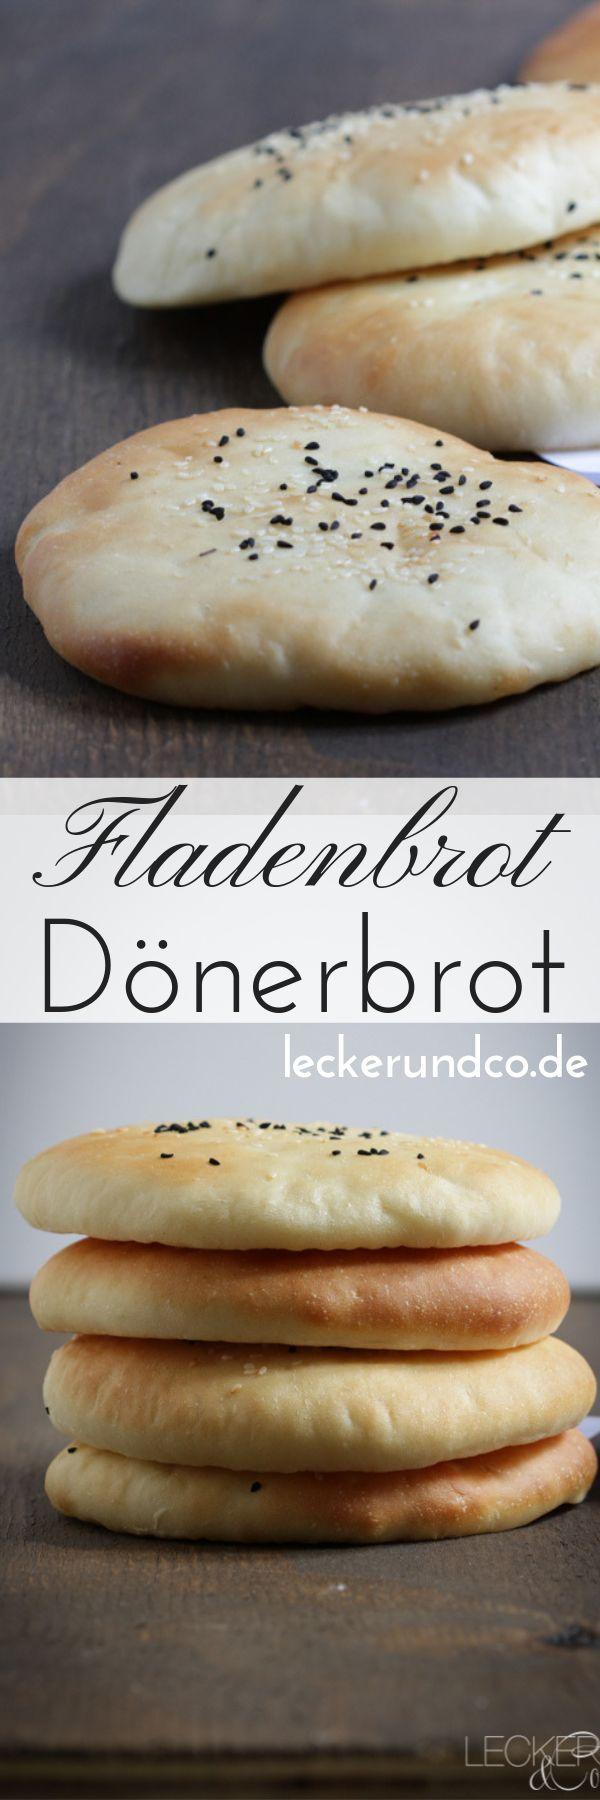 Döner & Sambal - indonesisch-deutsch-türkisches Fusion-Streetfood | LECKER&Co | Foodblog aus Nürnberg #hefeteigfürpizza